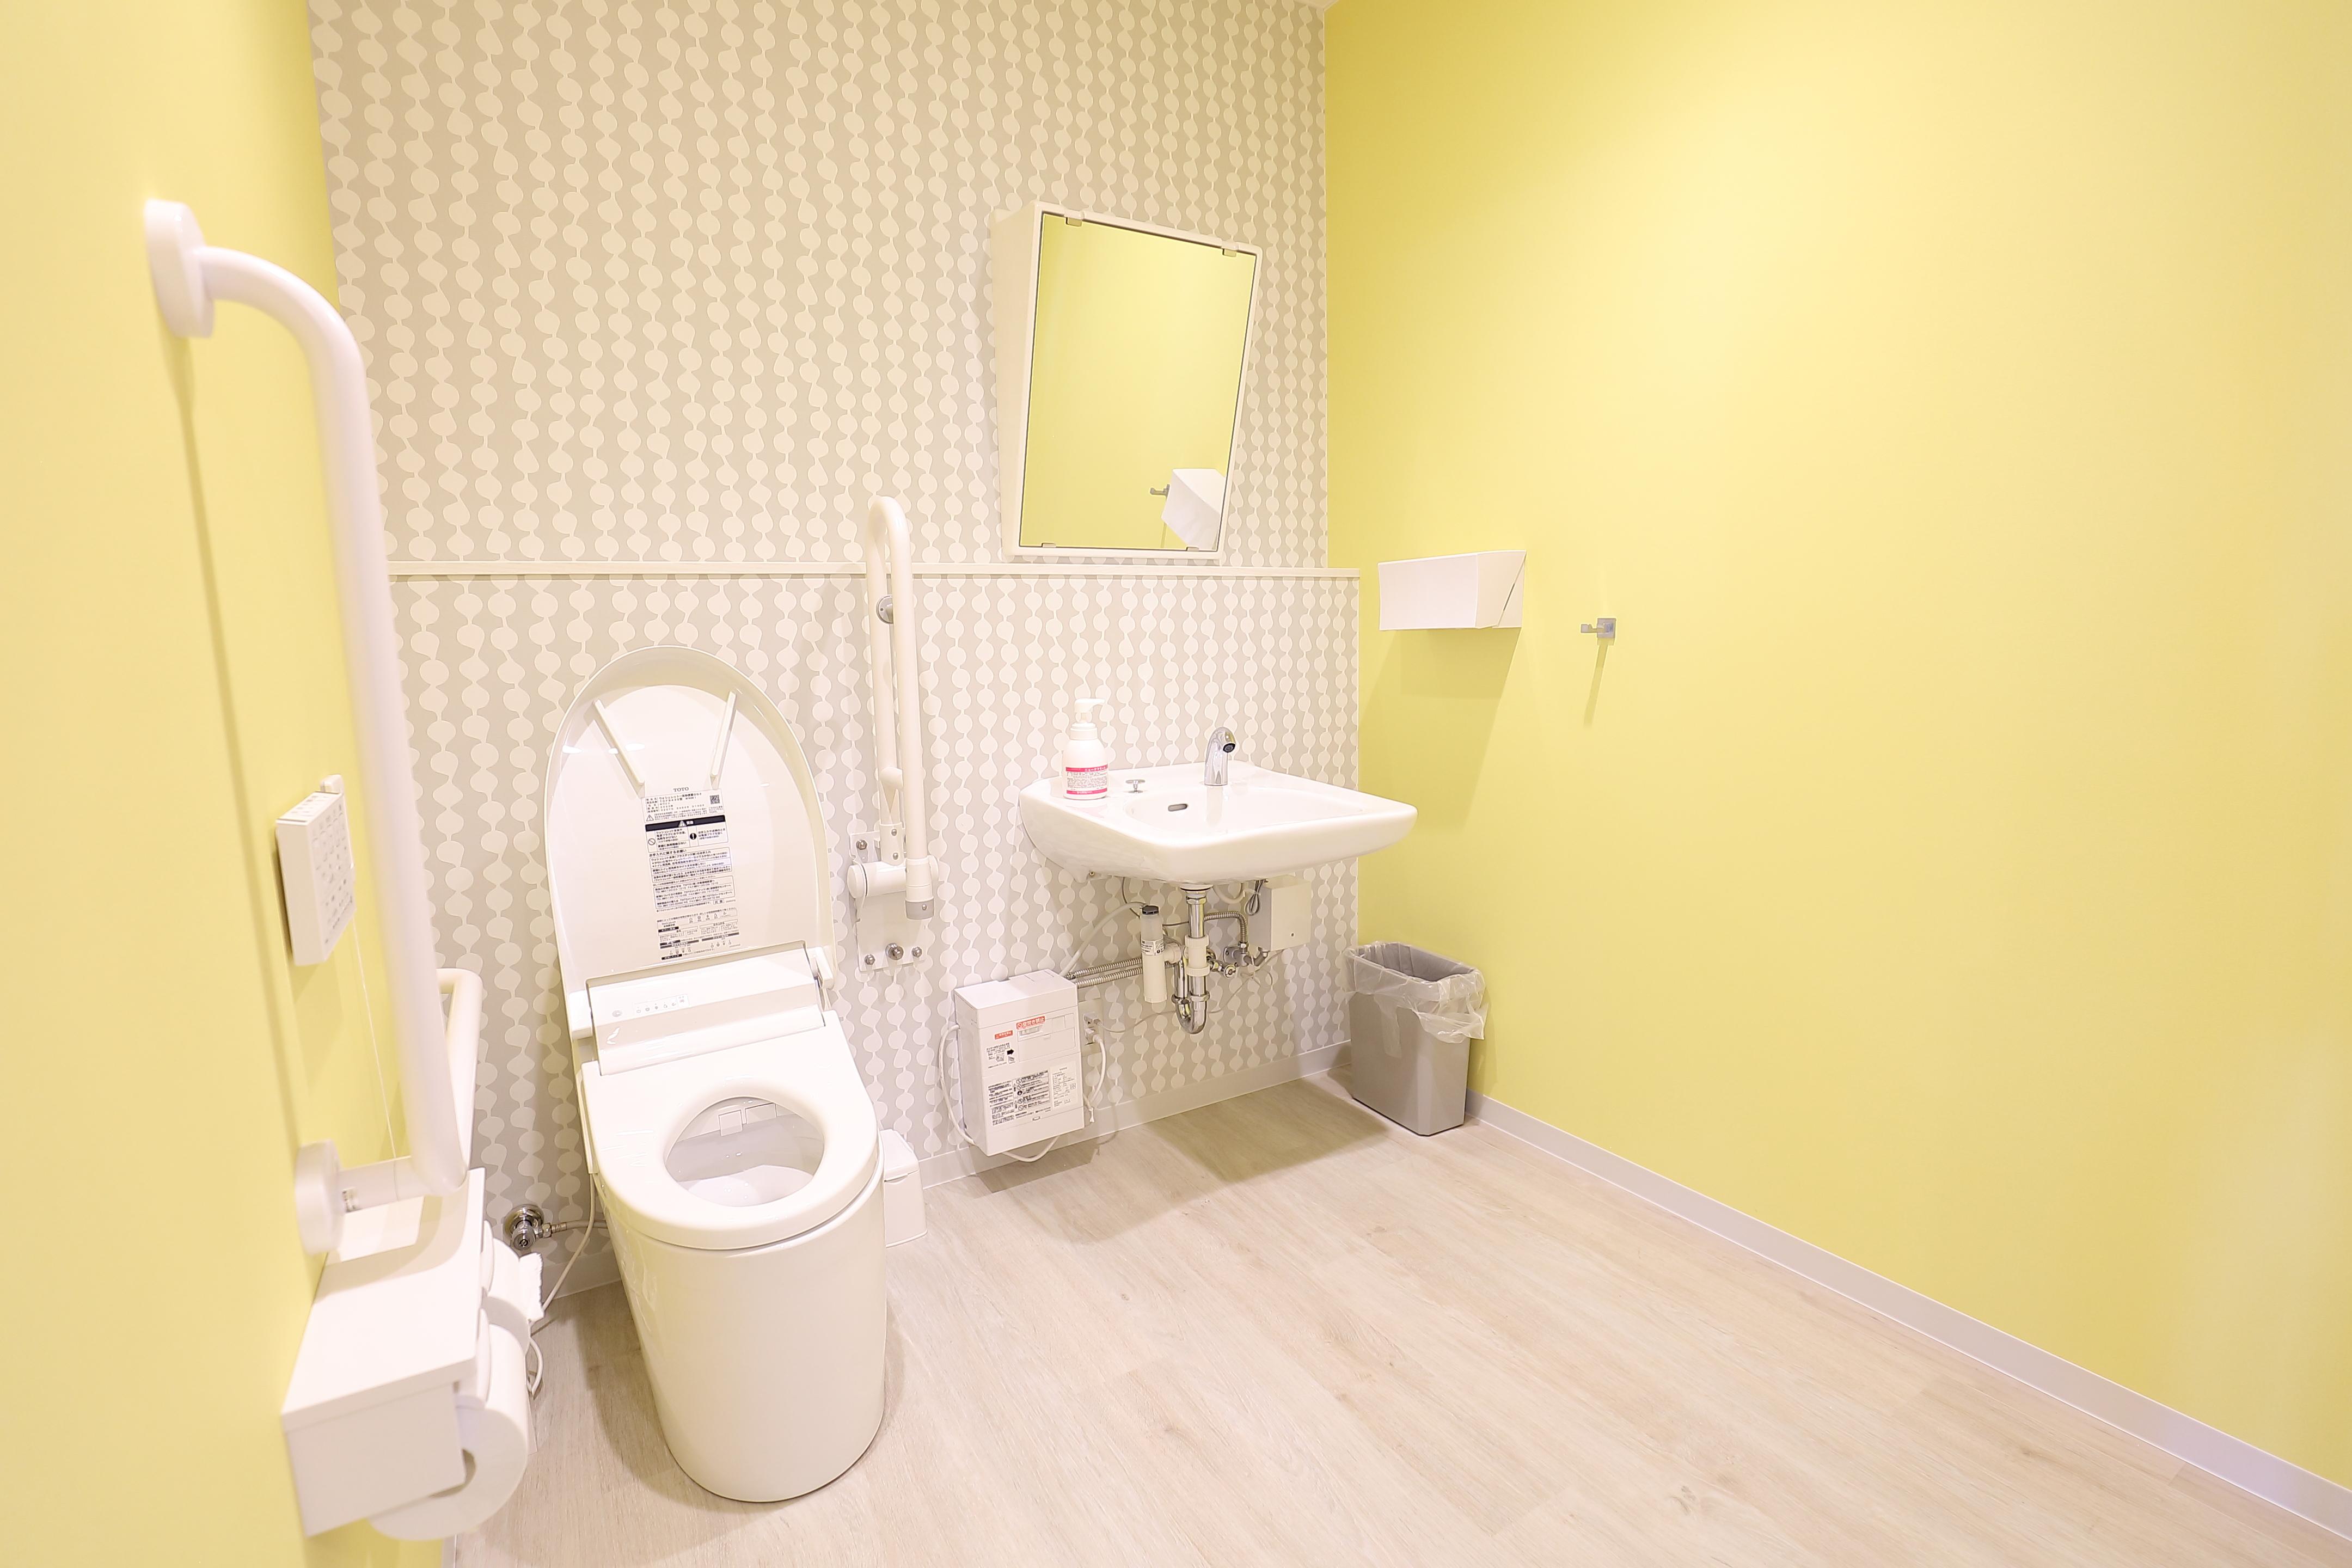 福祉用トイレ